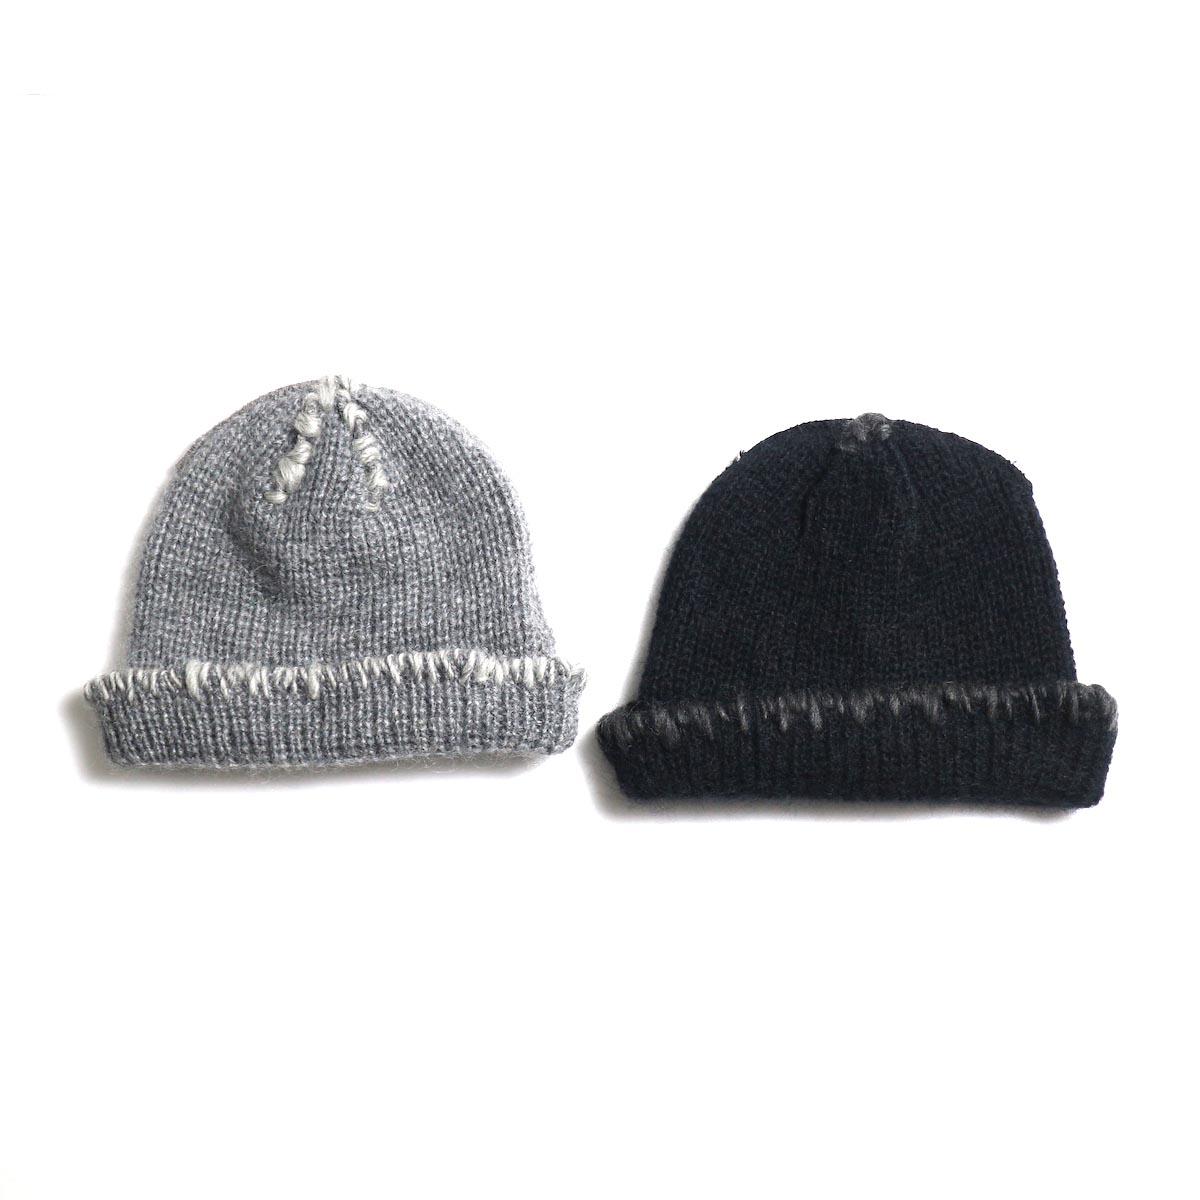 KIJIMA TAKAYUKI / Damage Knit Cap (KN182909)